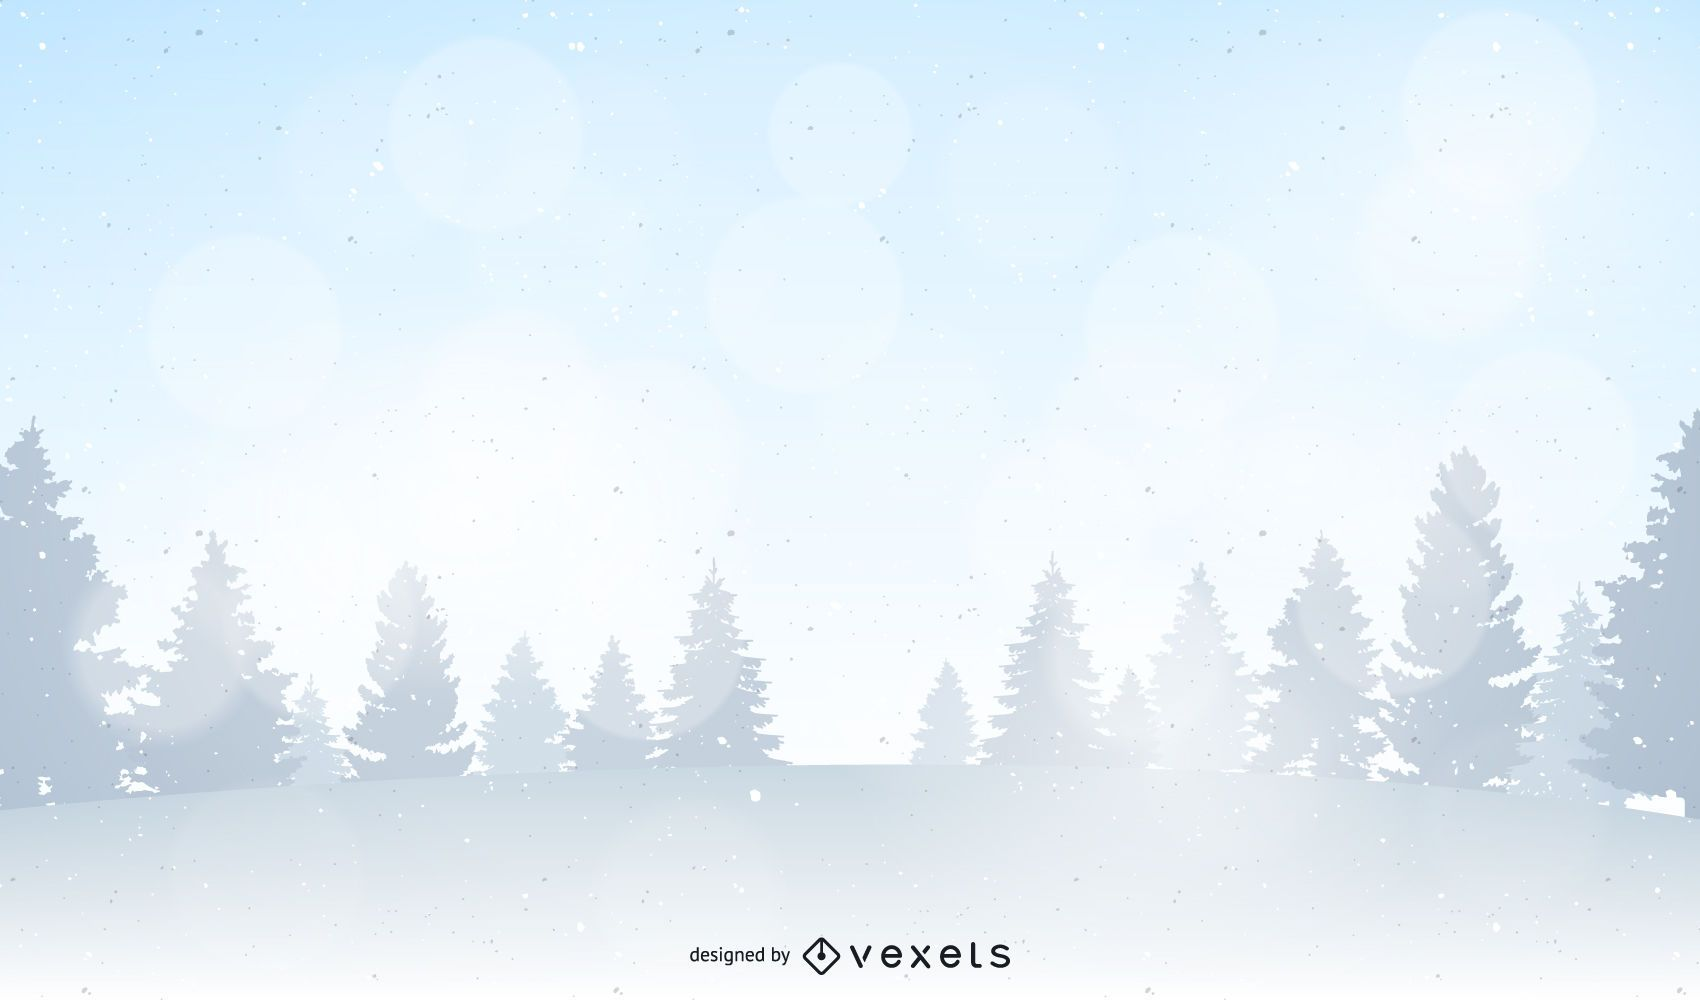 Winter forest landscape illustration